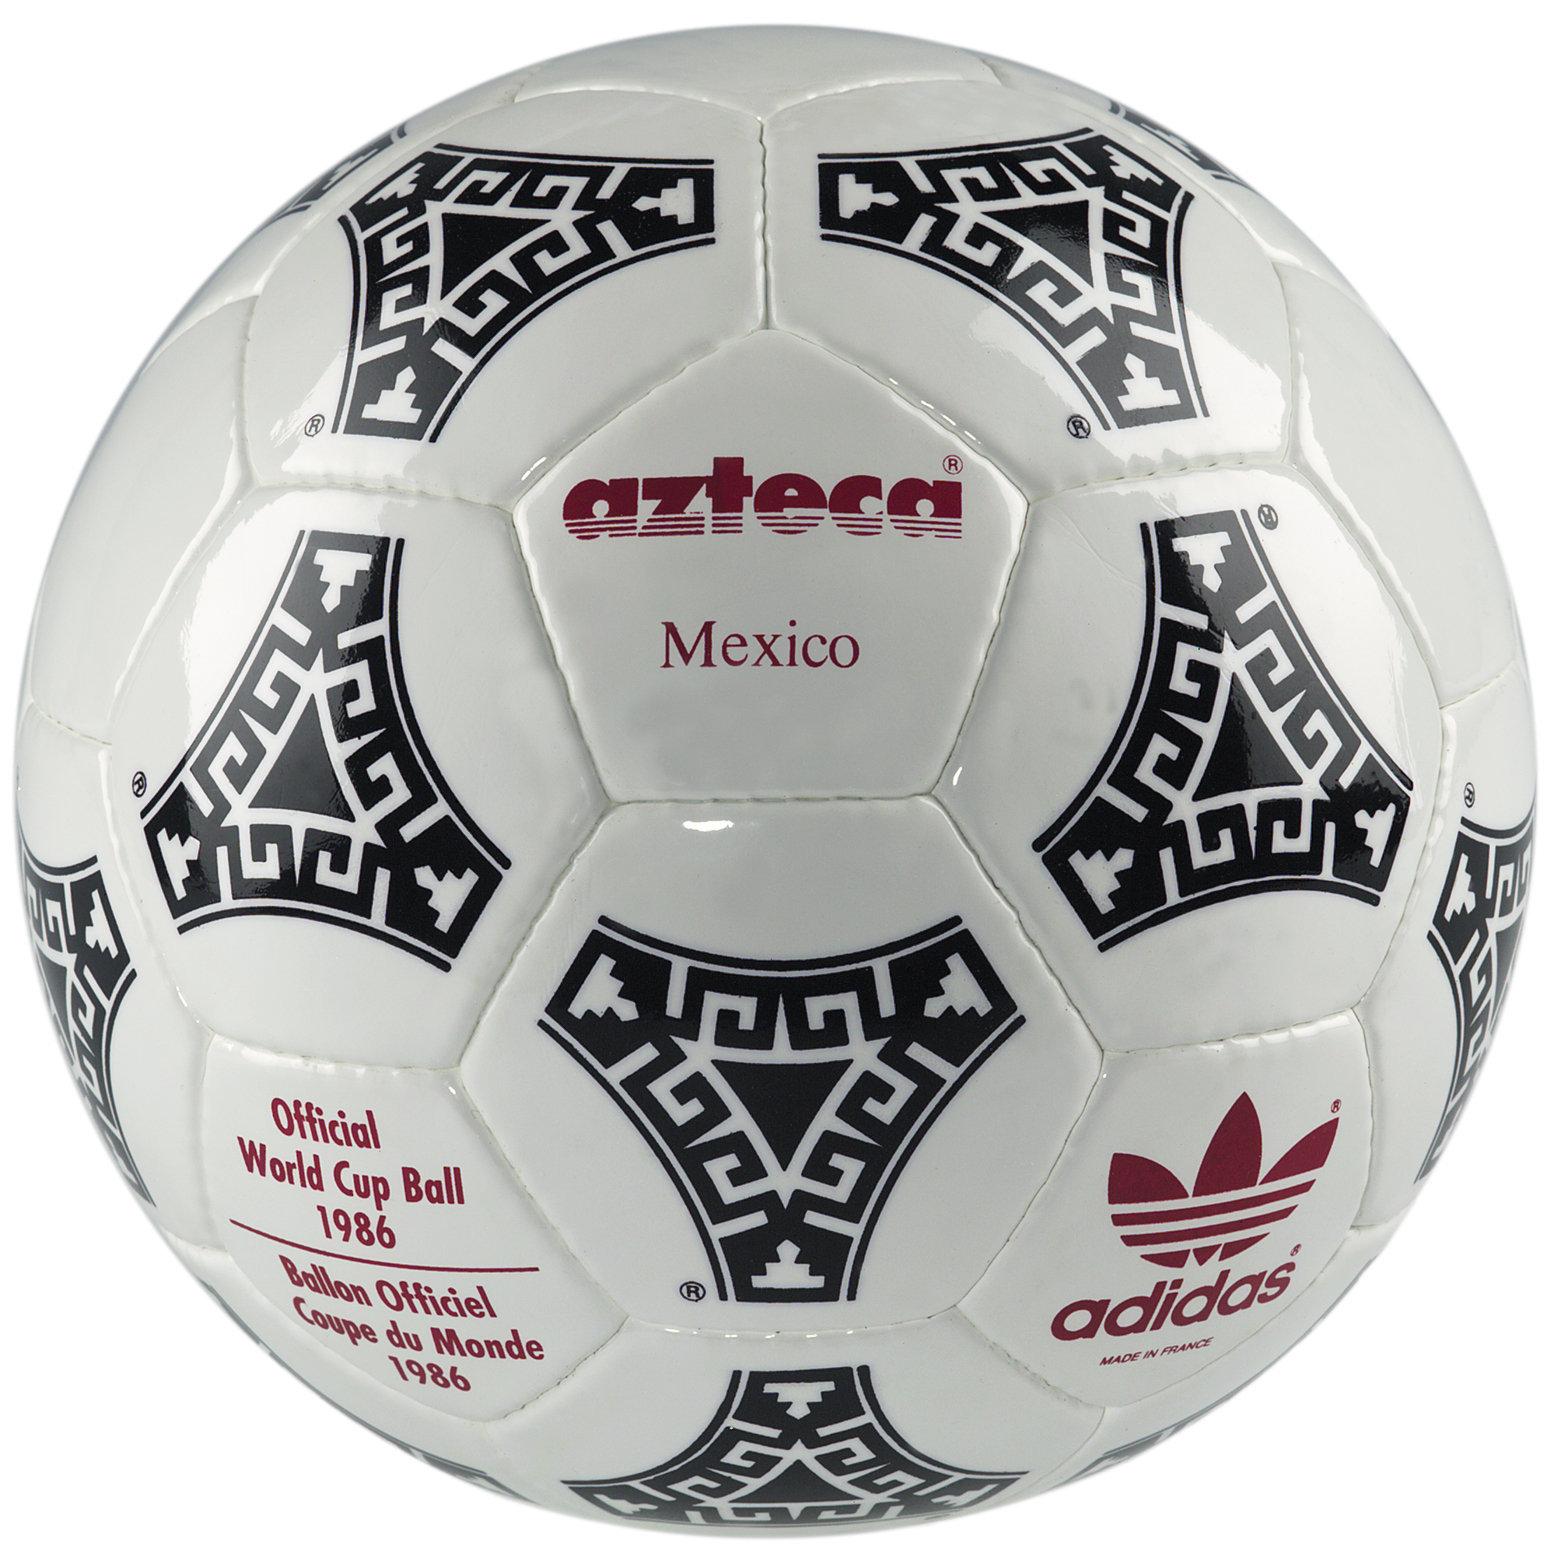 Bola da Copa do Mundo do México, em 1986.